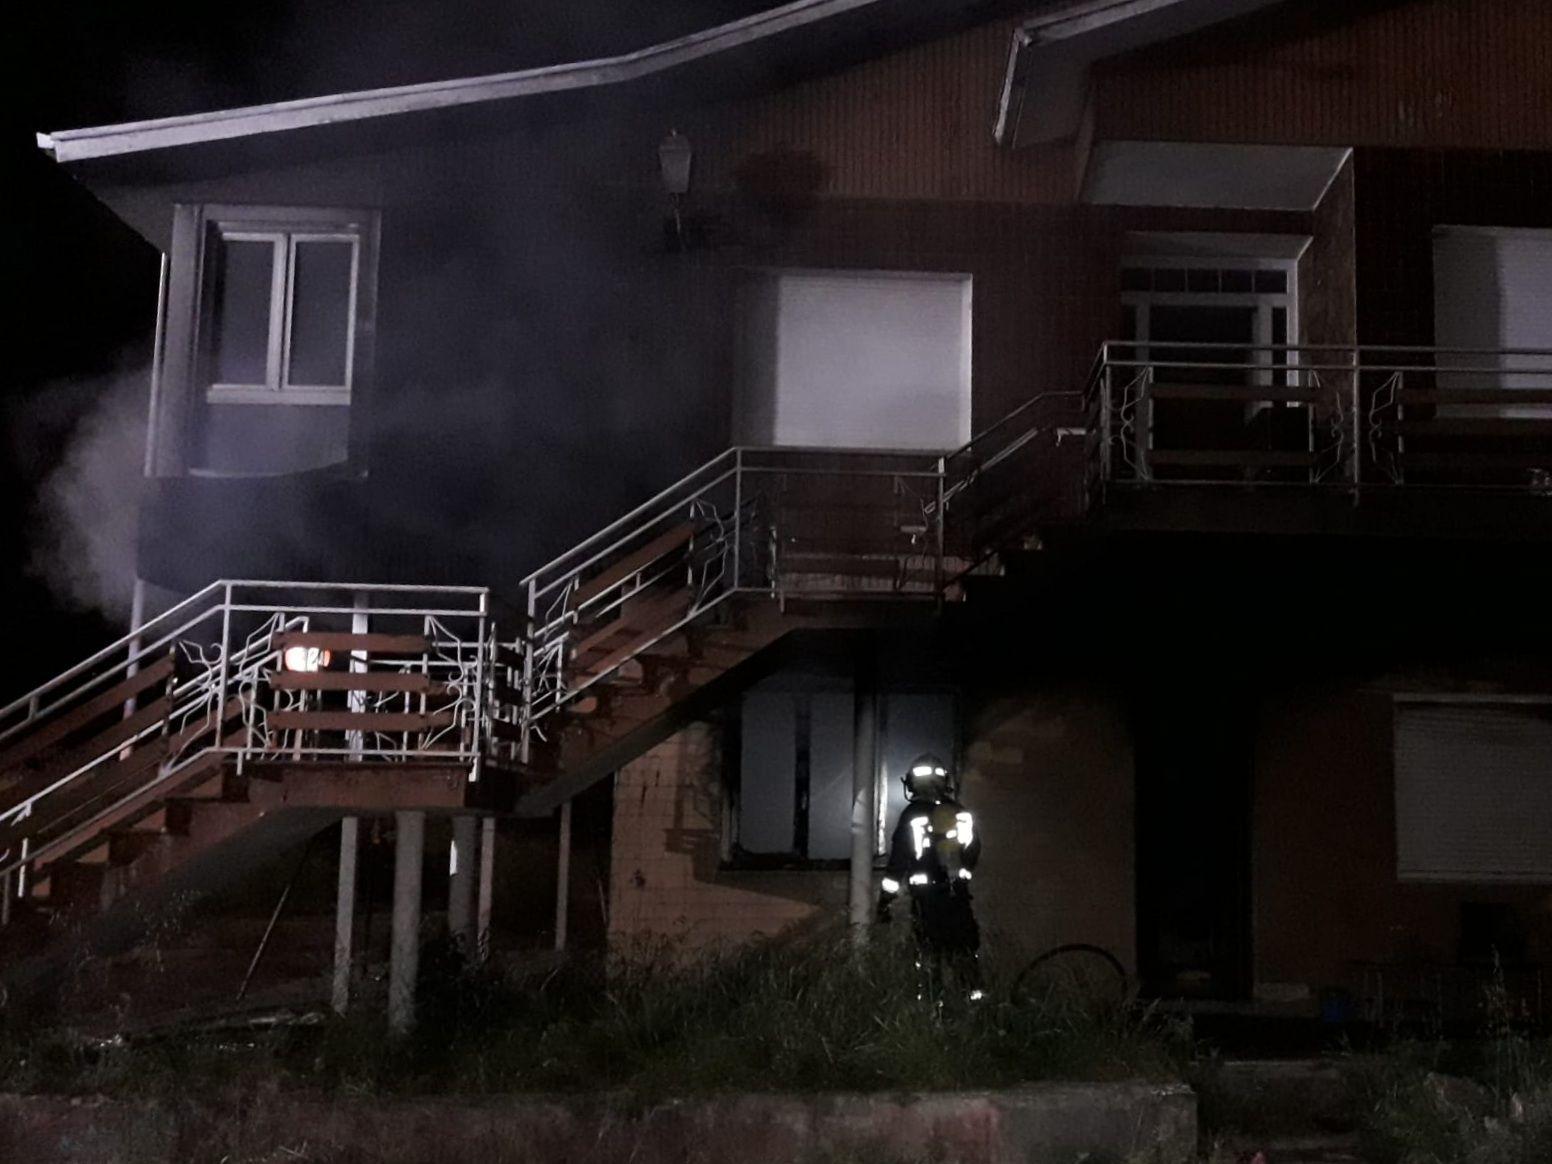 bombero inspecciona el exterior de la vivienda